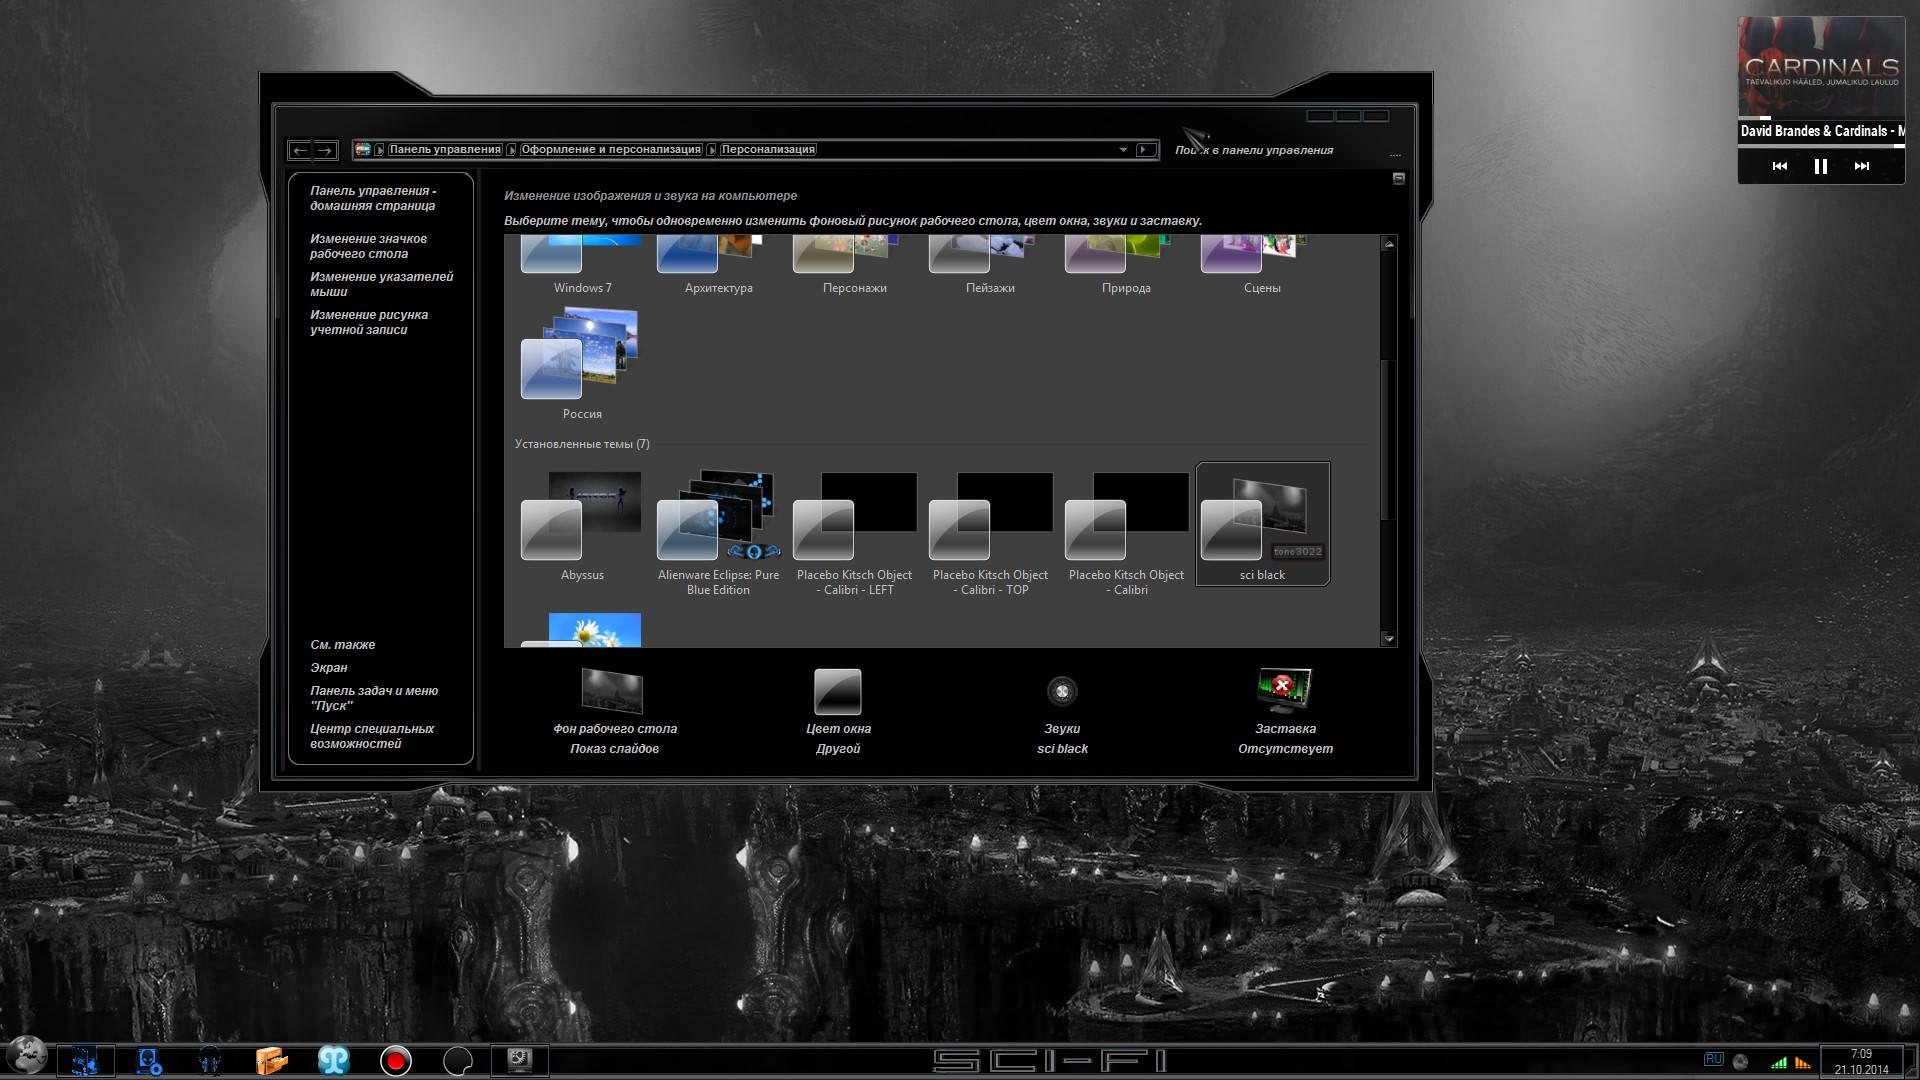 Как изменить звуковую схему для windows 7